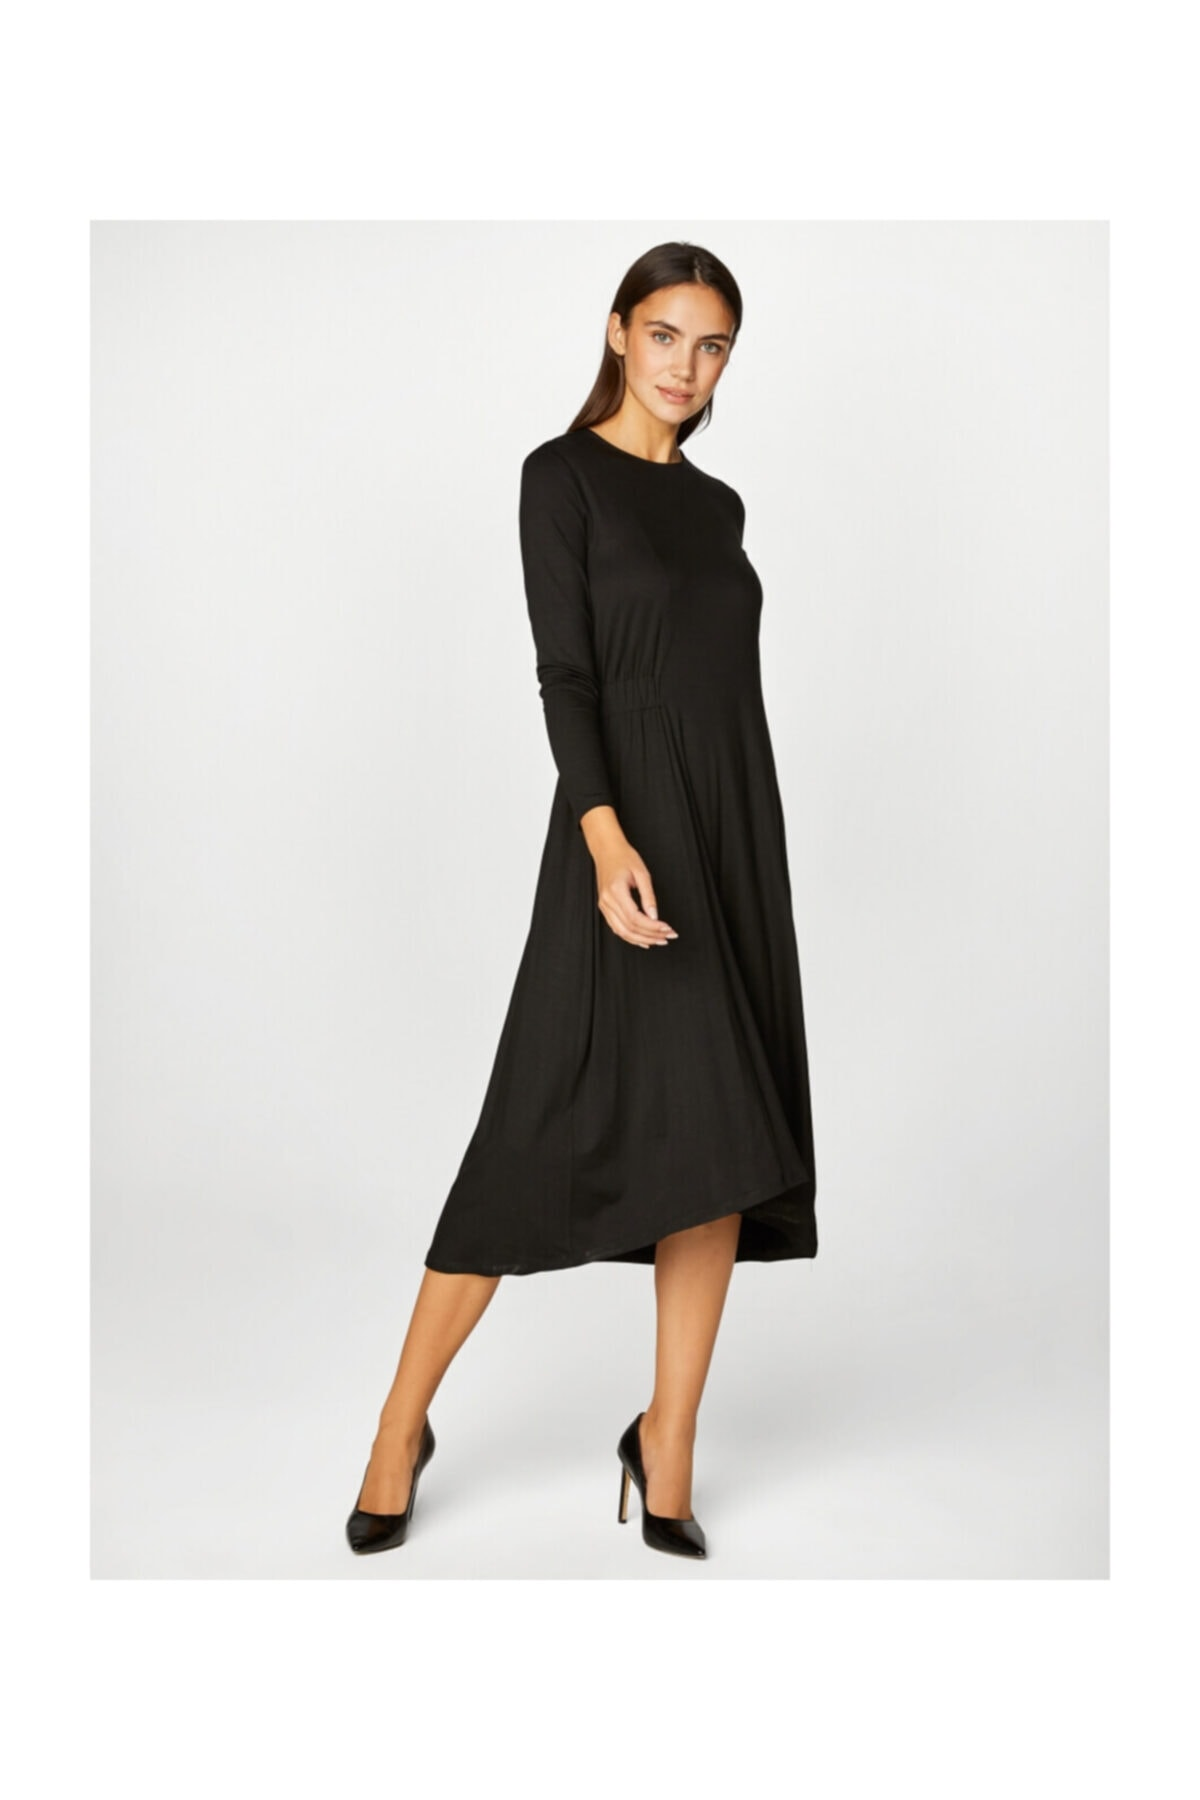 Faik Sönmez Kadın Siyah Asimetrik Elbise 39242 1